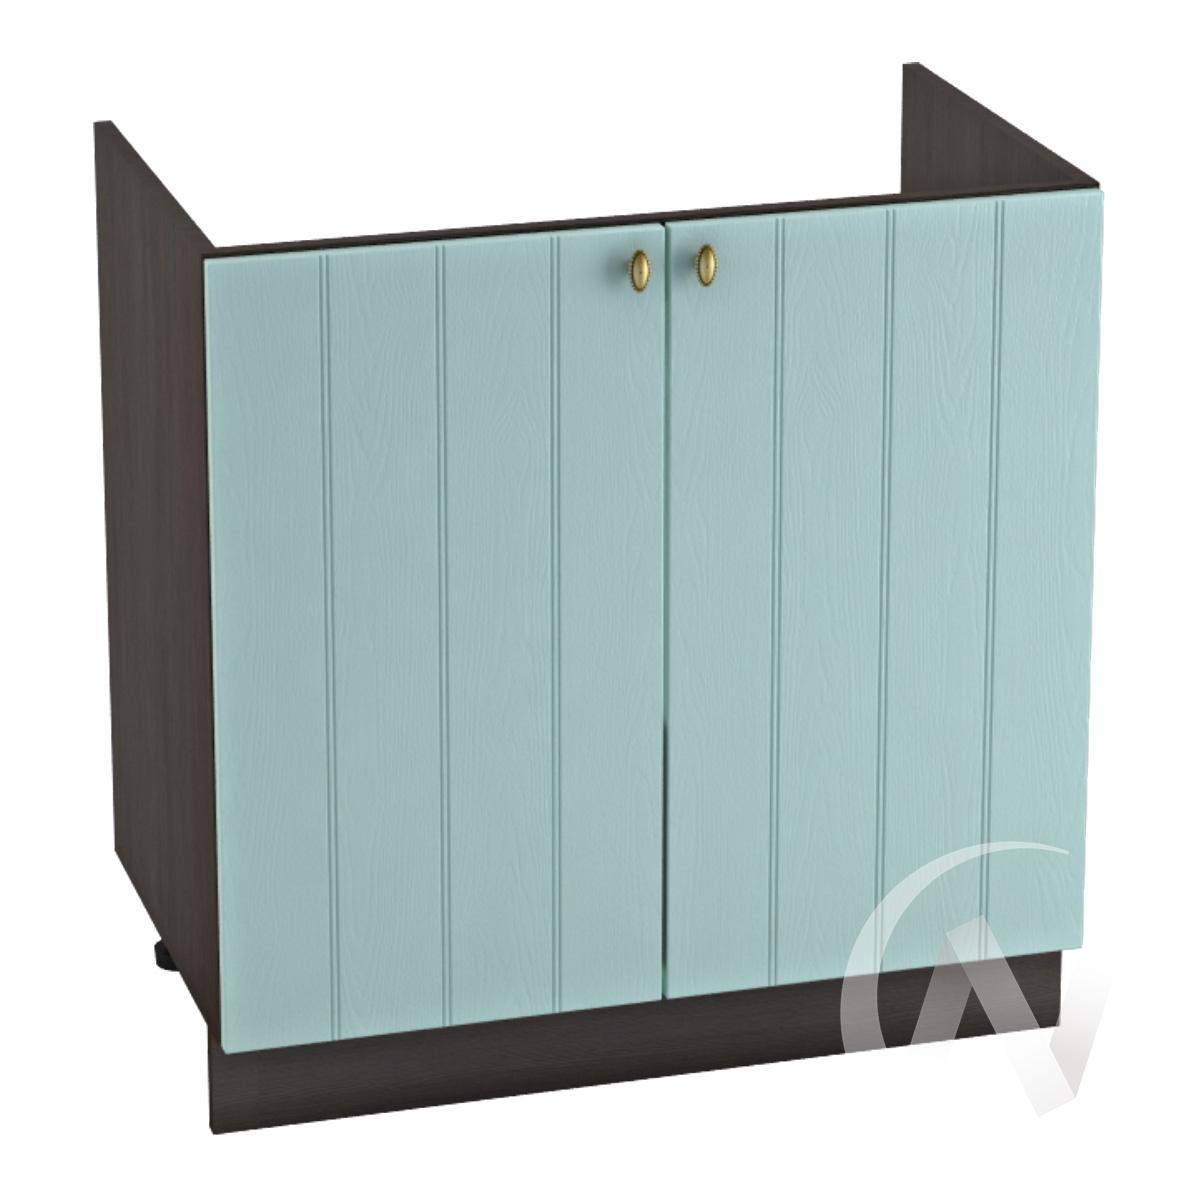 """Кухня """"Прованс"""": Шкаф нижний под мойку 800, ШНМ 800 (голубой/корпус венге)"""